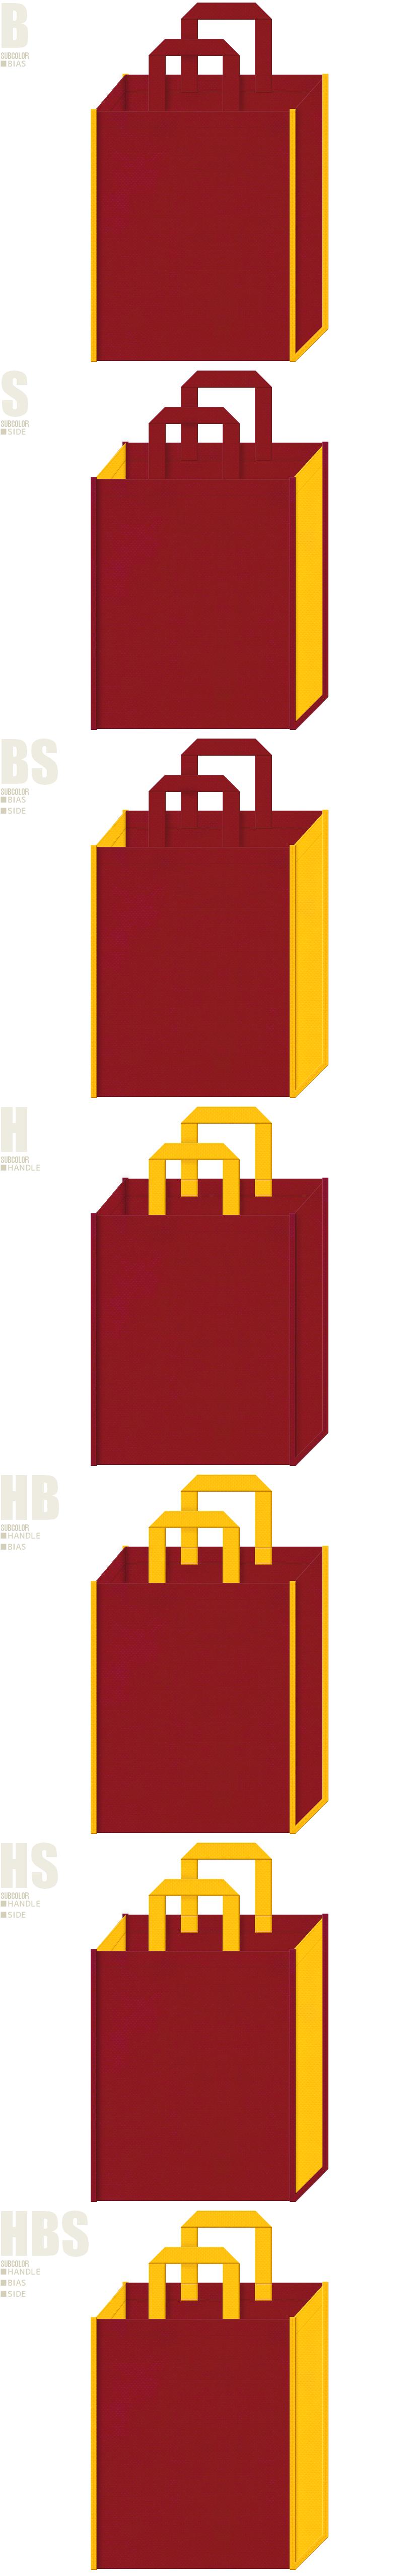 エンジ色と黄色、7パターンの不織布トートバッグ配色デザイン例。